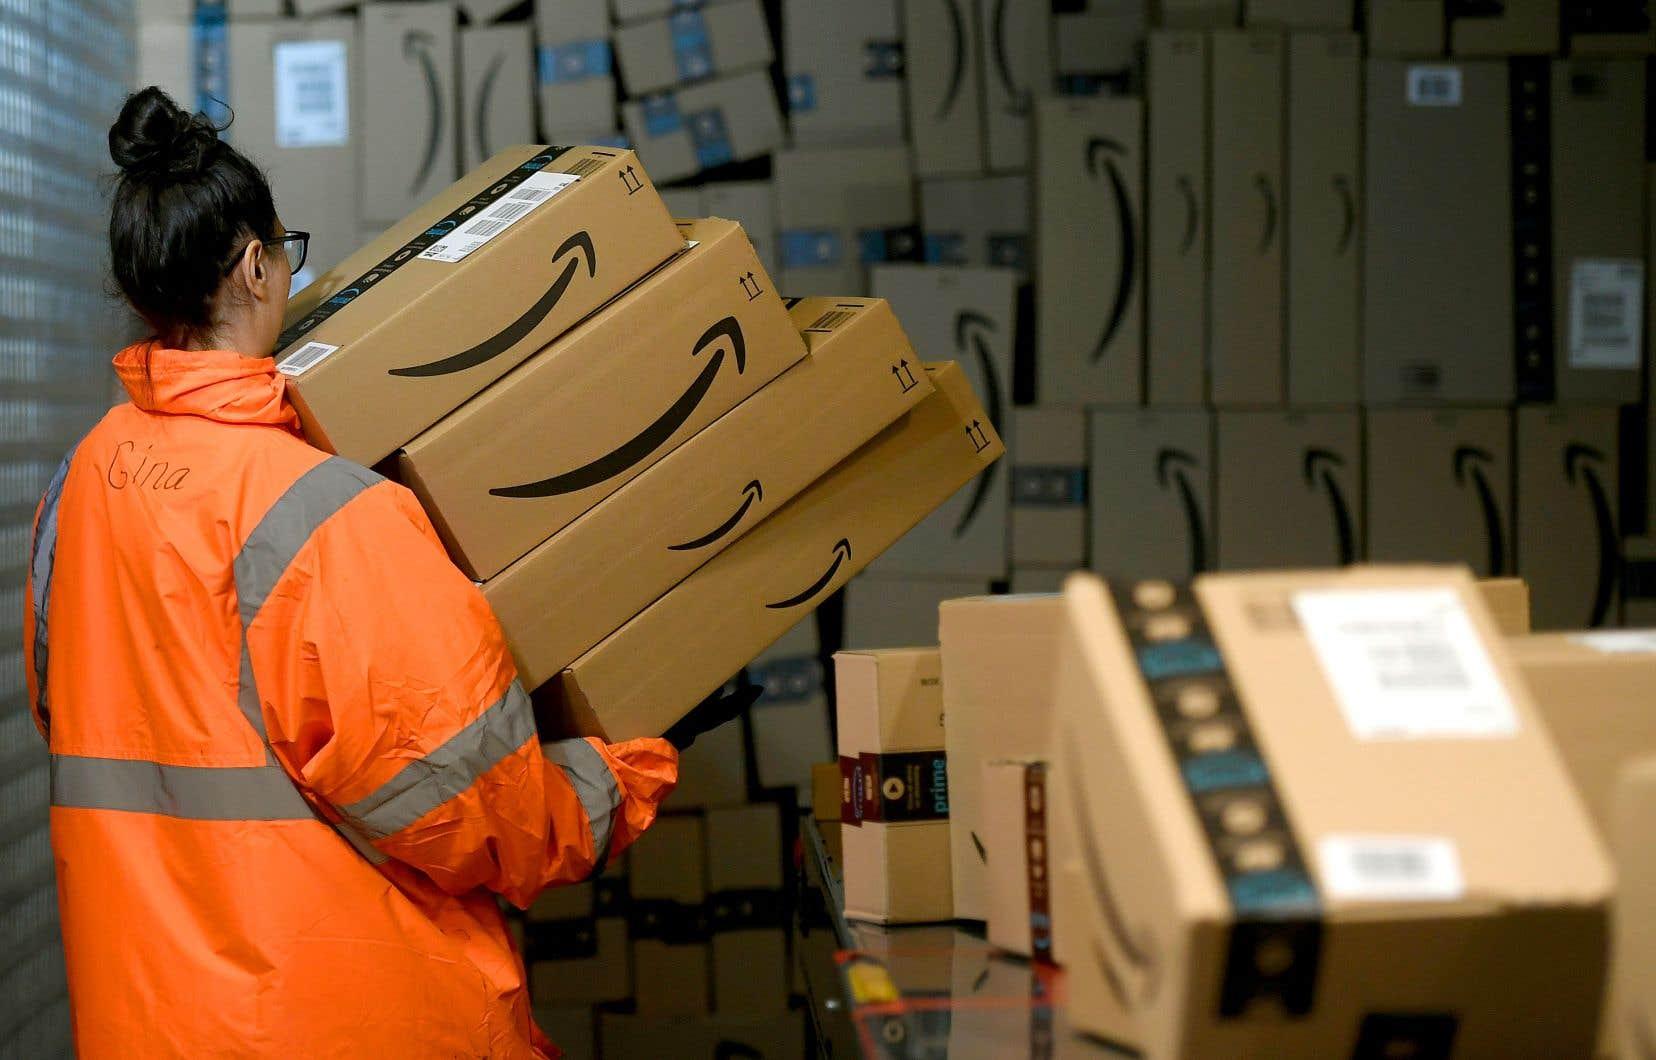 Durant la période des Fêtes 2019, Amazon est parvenue à quadrupler ses livraisons en un jour ou le jour même par rapport à l'année précédente.